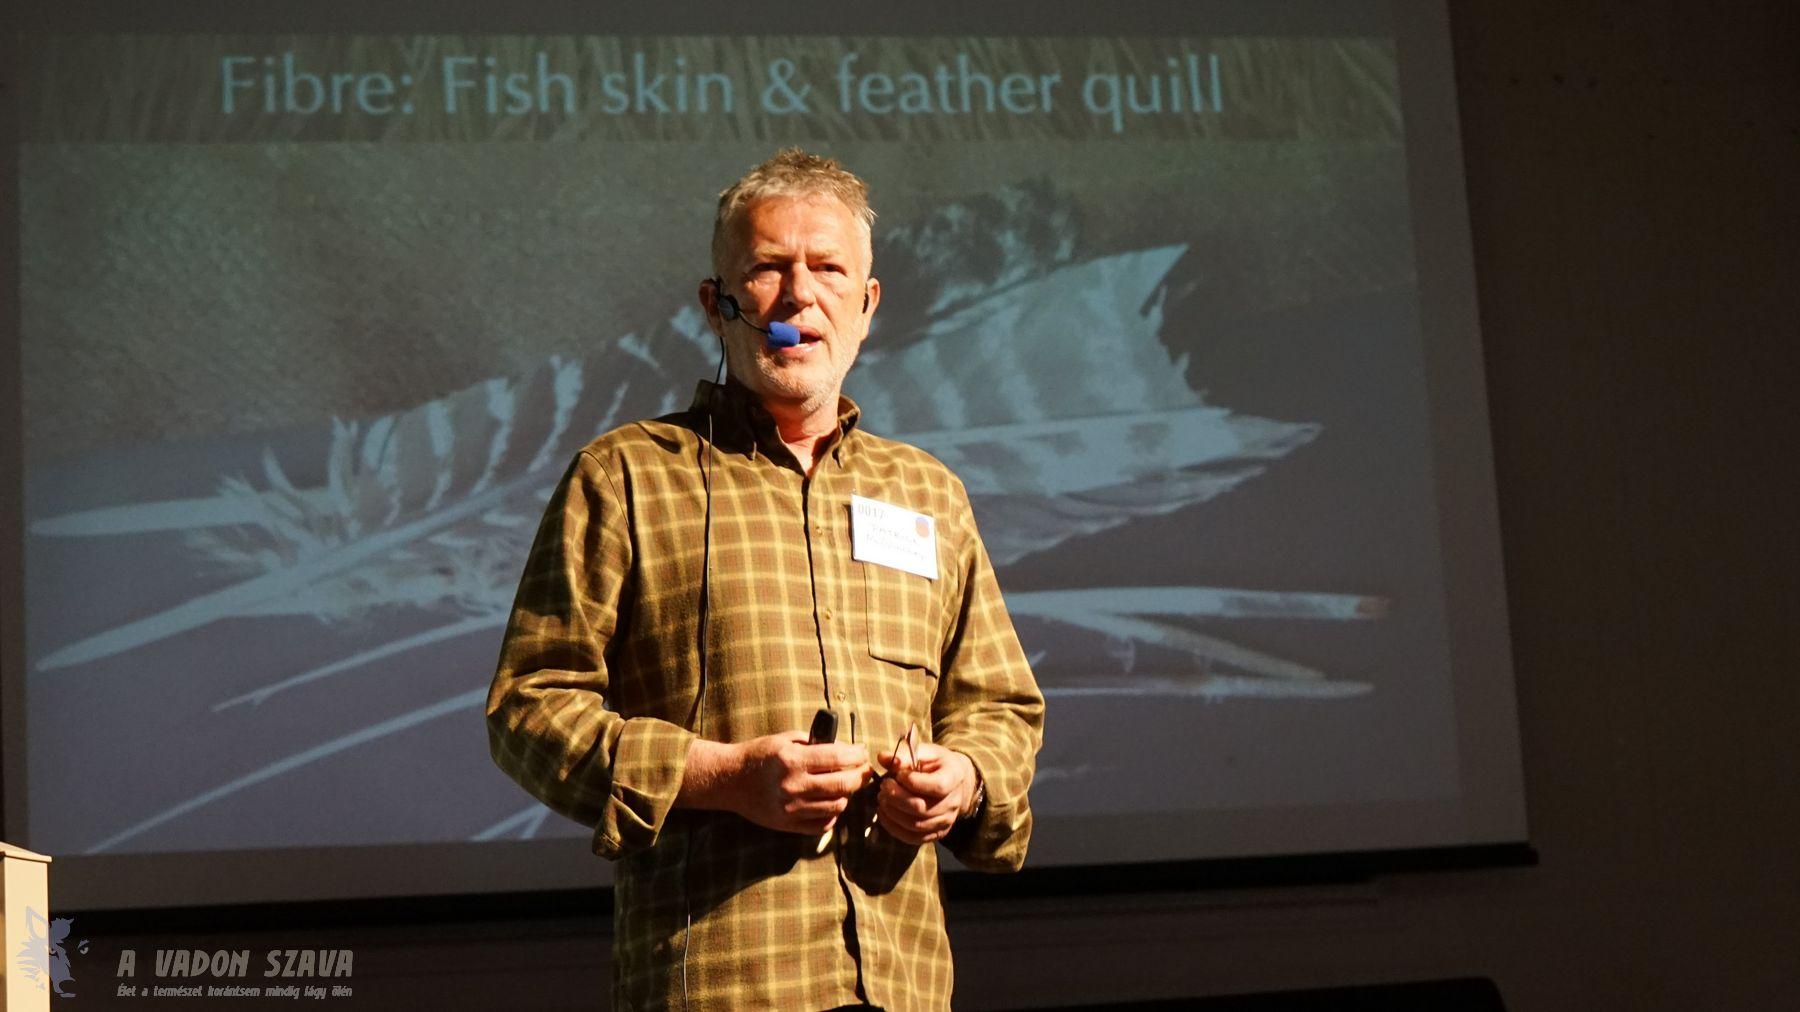 Patrick McGlinchey előadása a természetes rostanyagokról